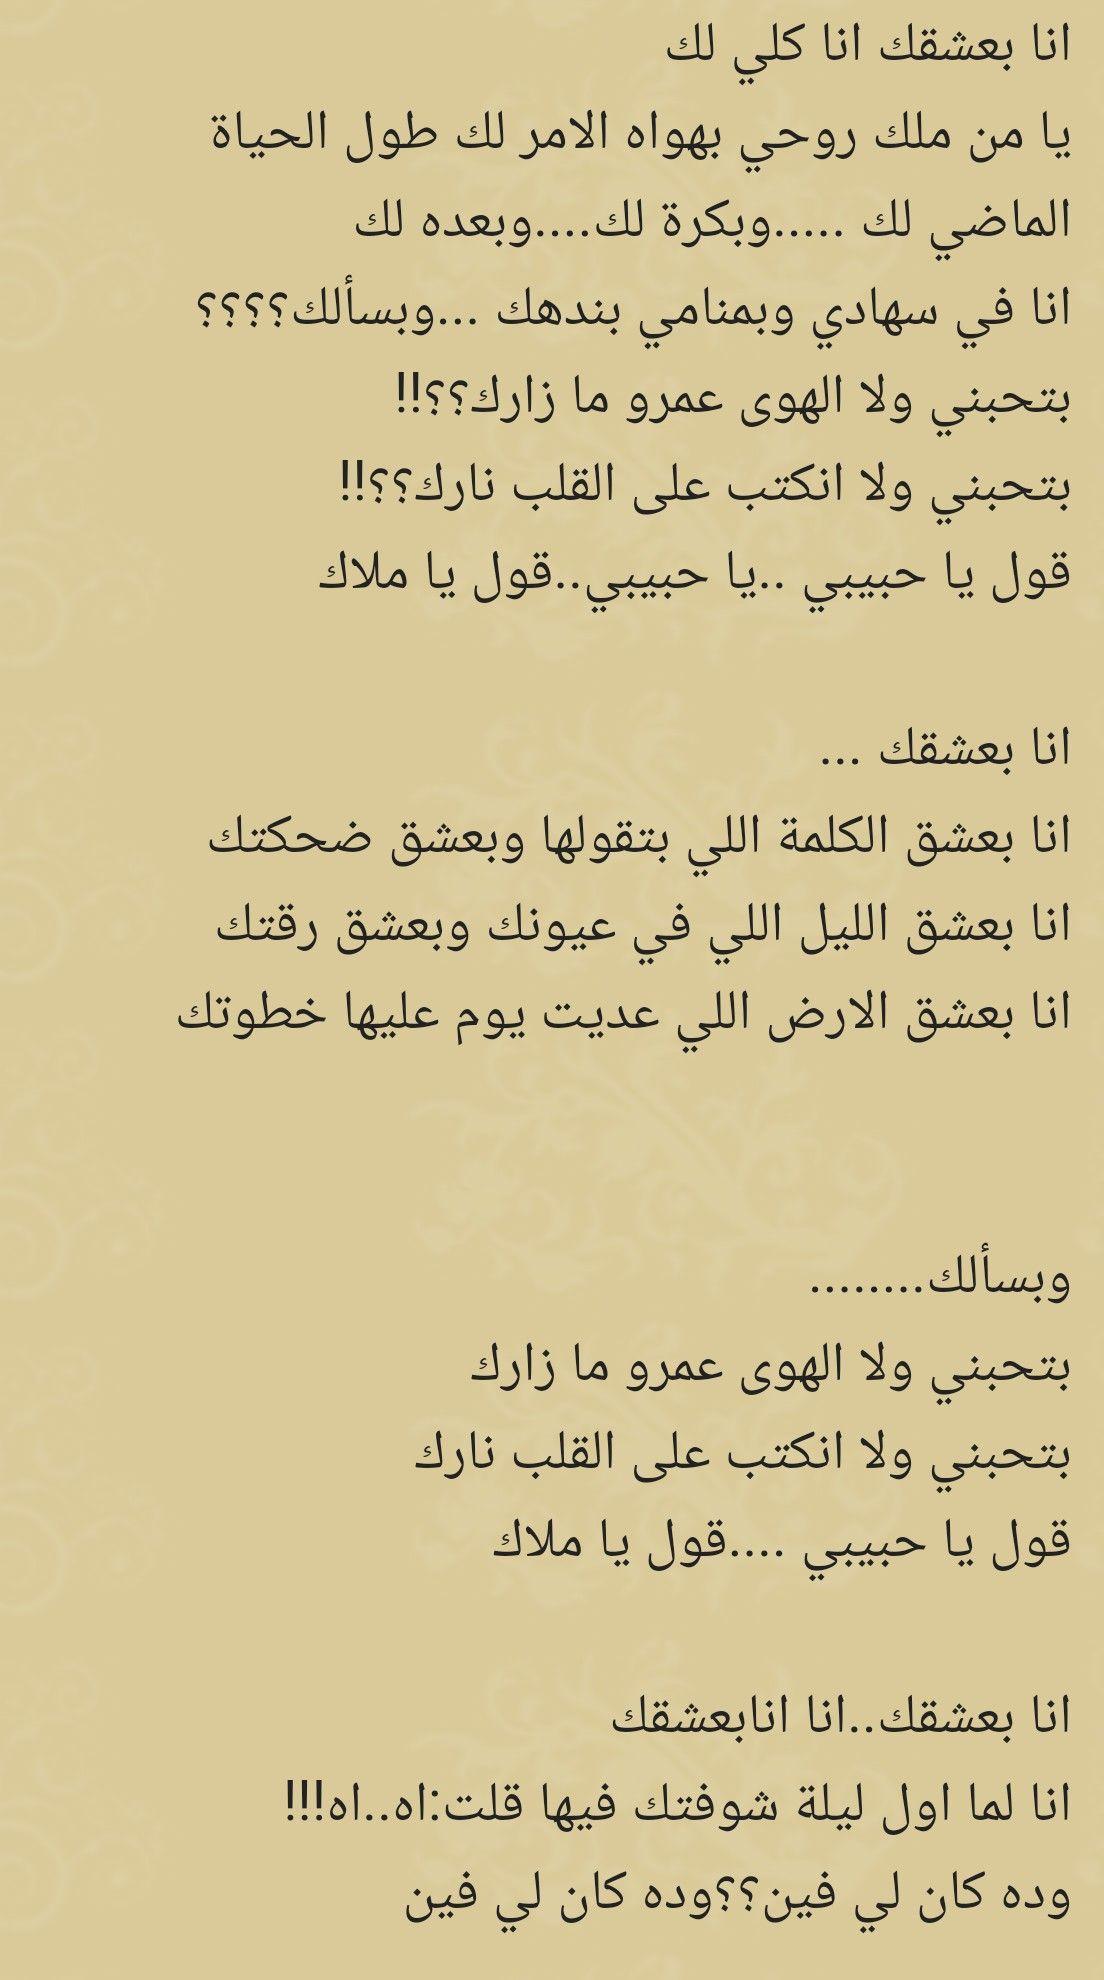 كلمات اغنية انا بعشقك لميادة الحناوي Arabic Quotes Quotes Sheet Music